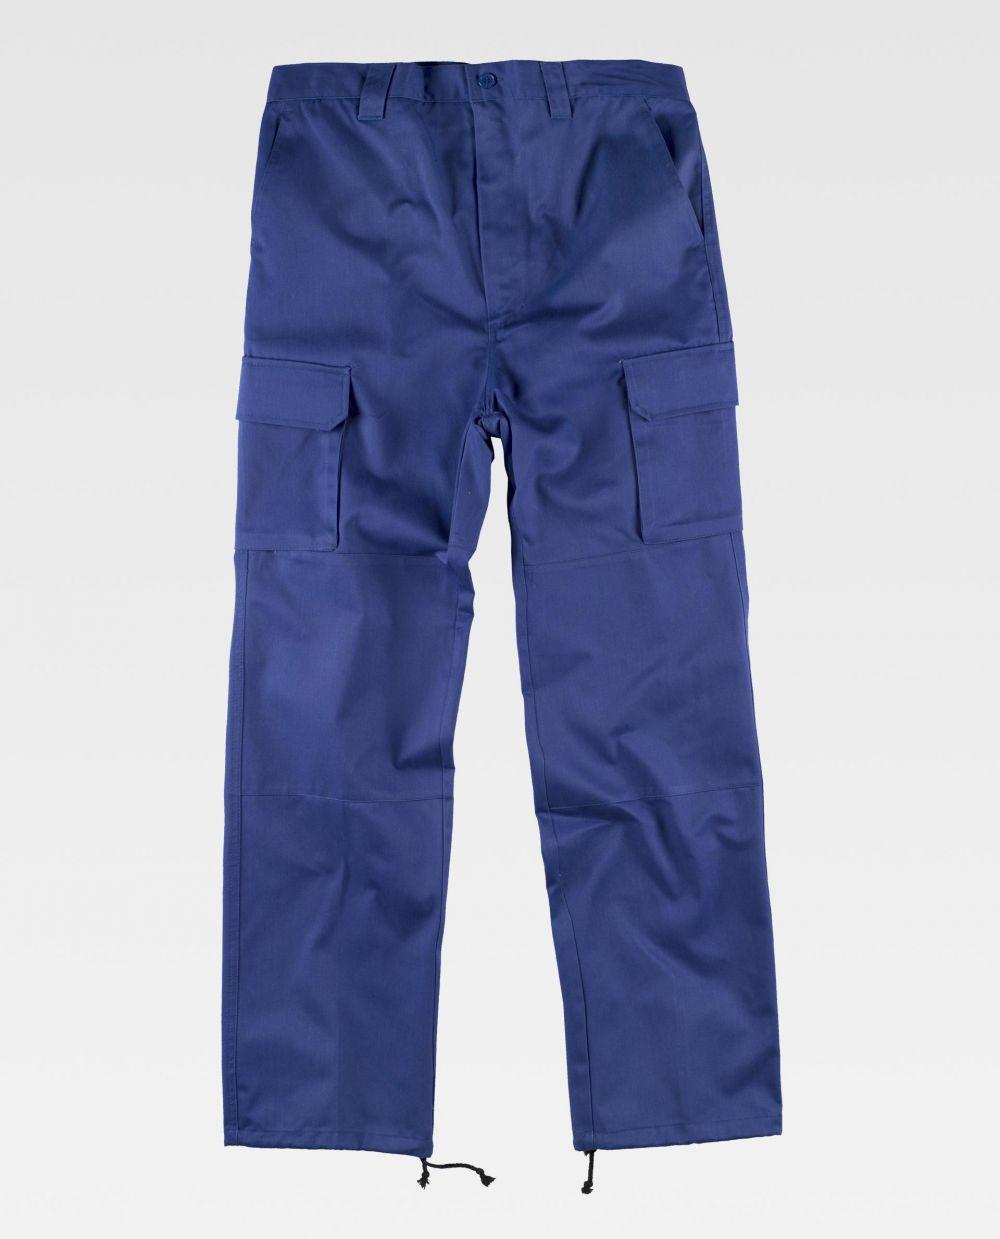 Pantalones de trabajo workteam b1416 de poliéster vista 2